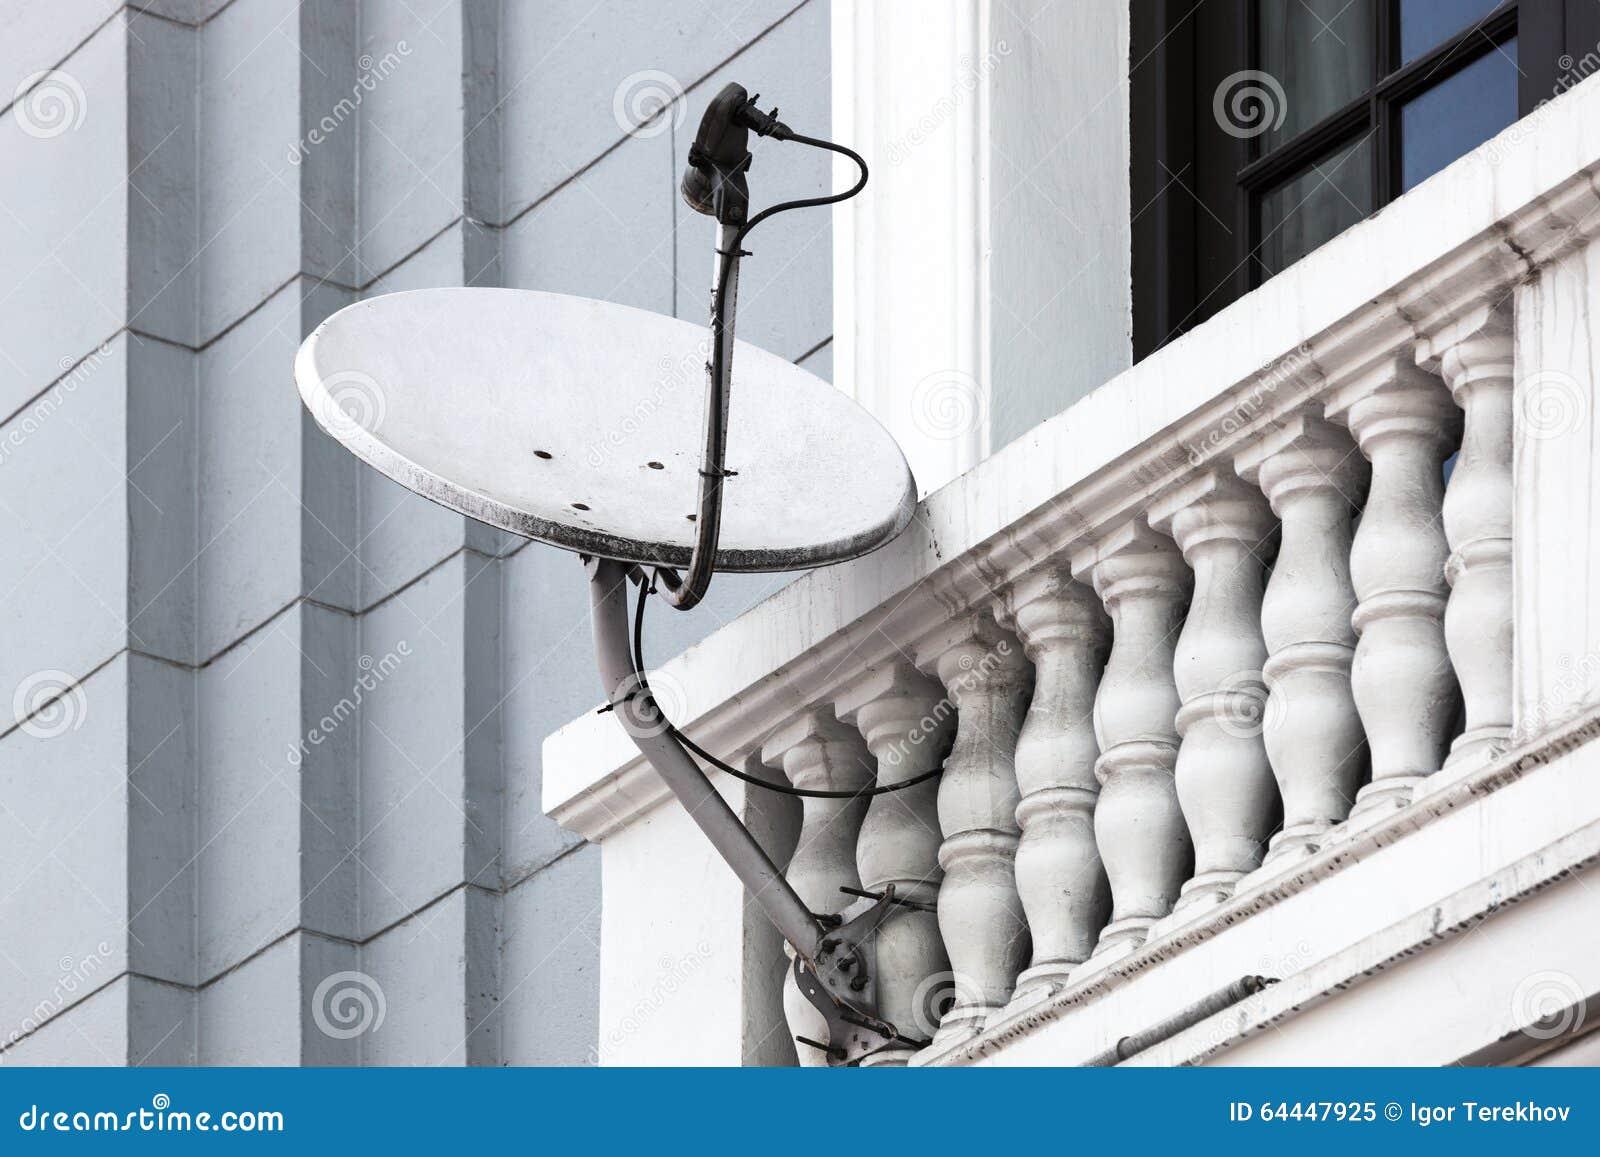 Balkon Satellitenschã¼Ssel | Satellitenschussel Auf Dem Balkon Stockbild Bild Von Haus Grau